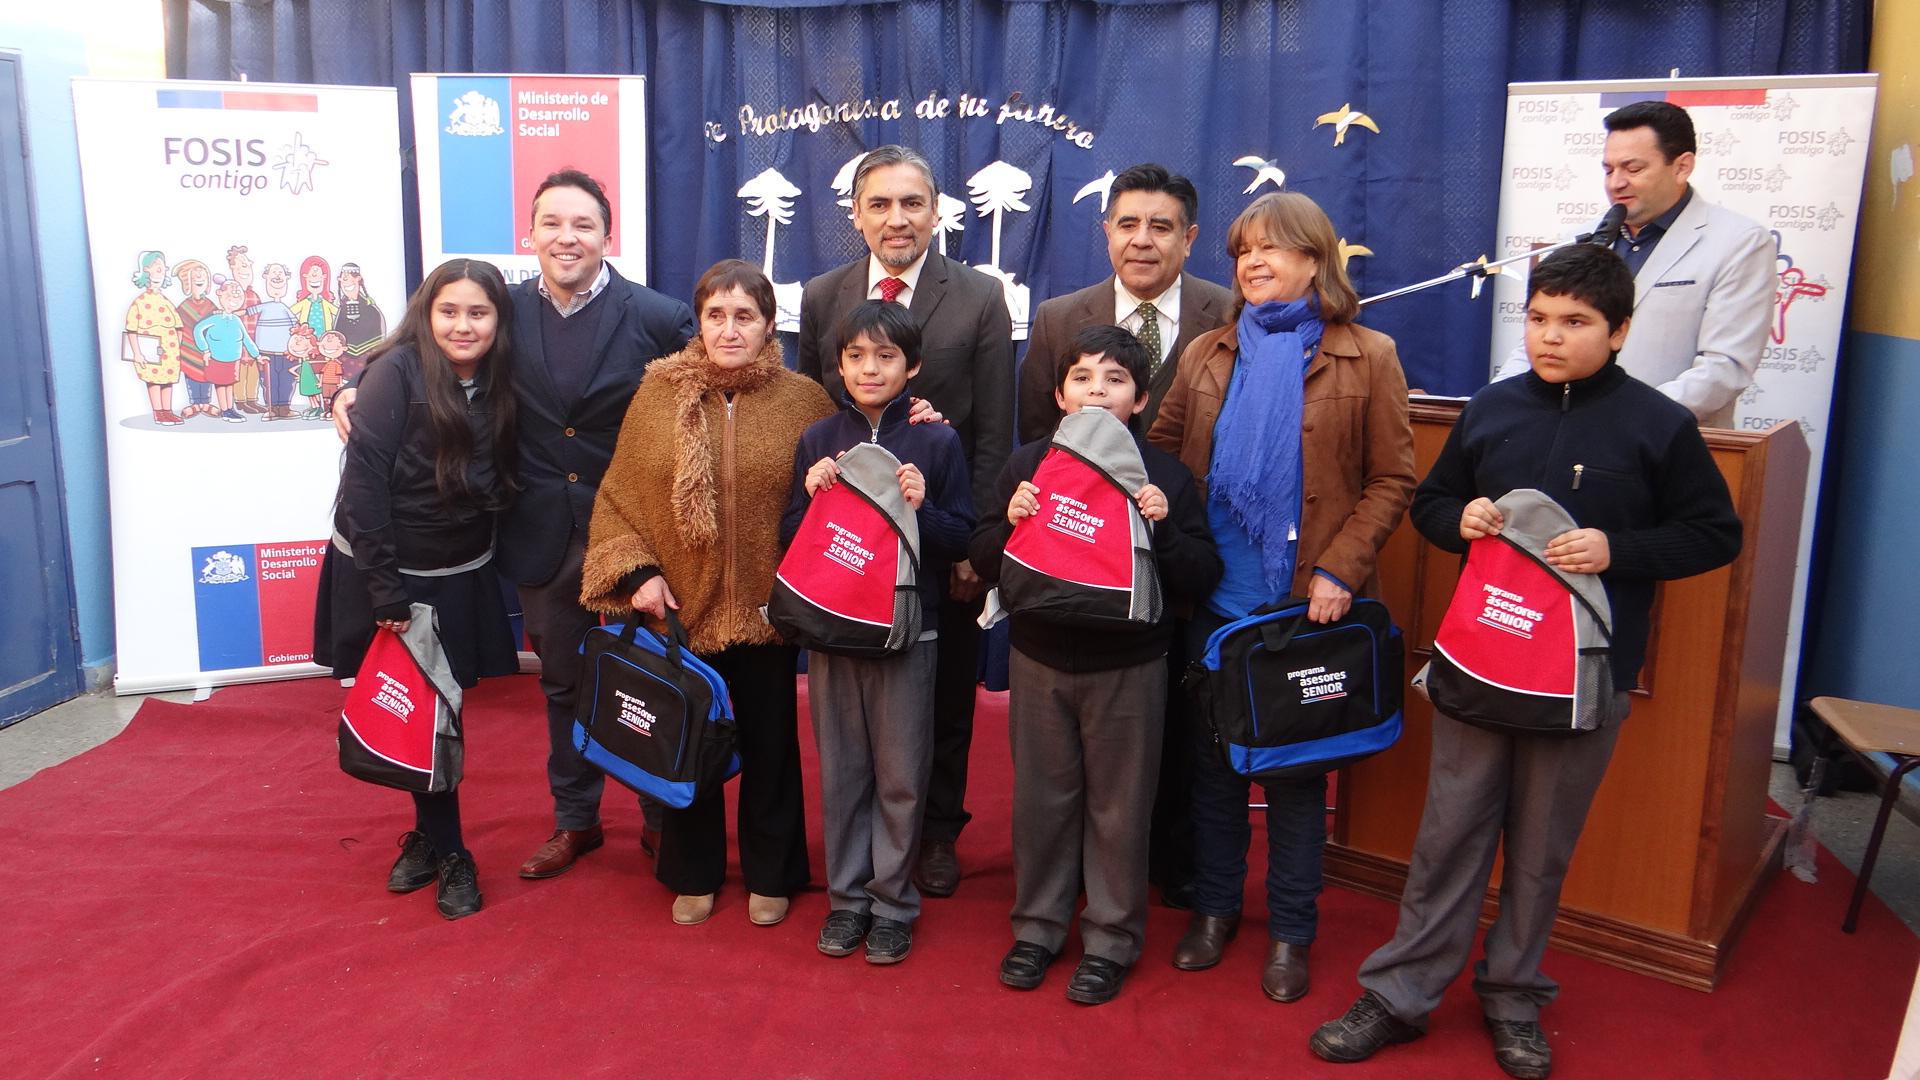 FOSIS lanza iniciativa para mejorar el rendimiento escolar eintegrar socialmente a los adultos mayores